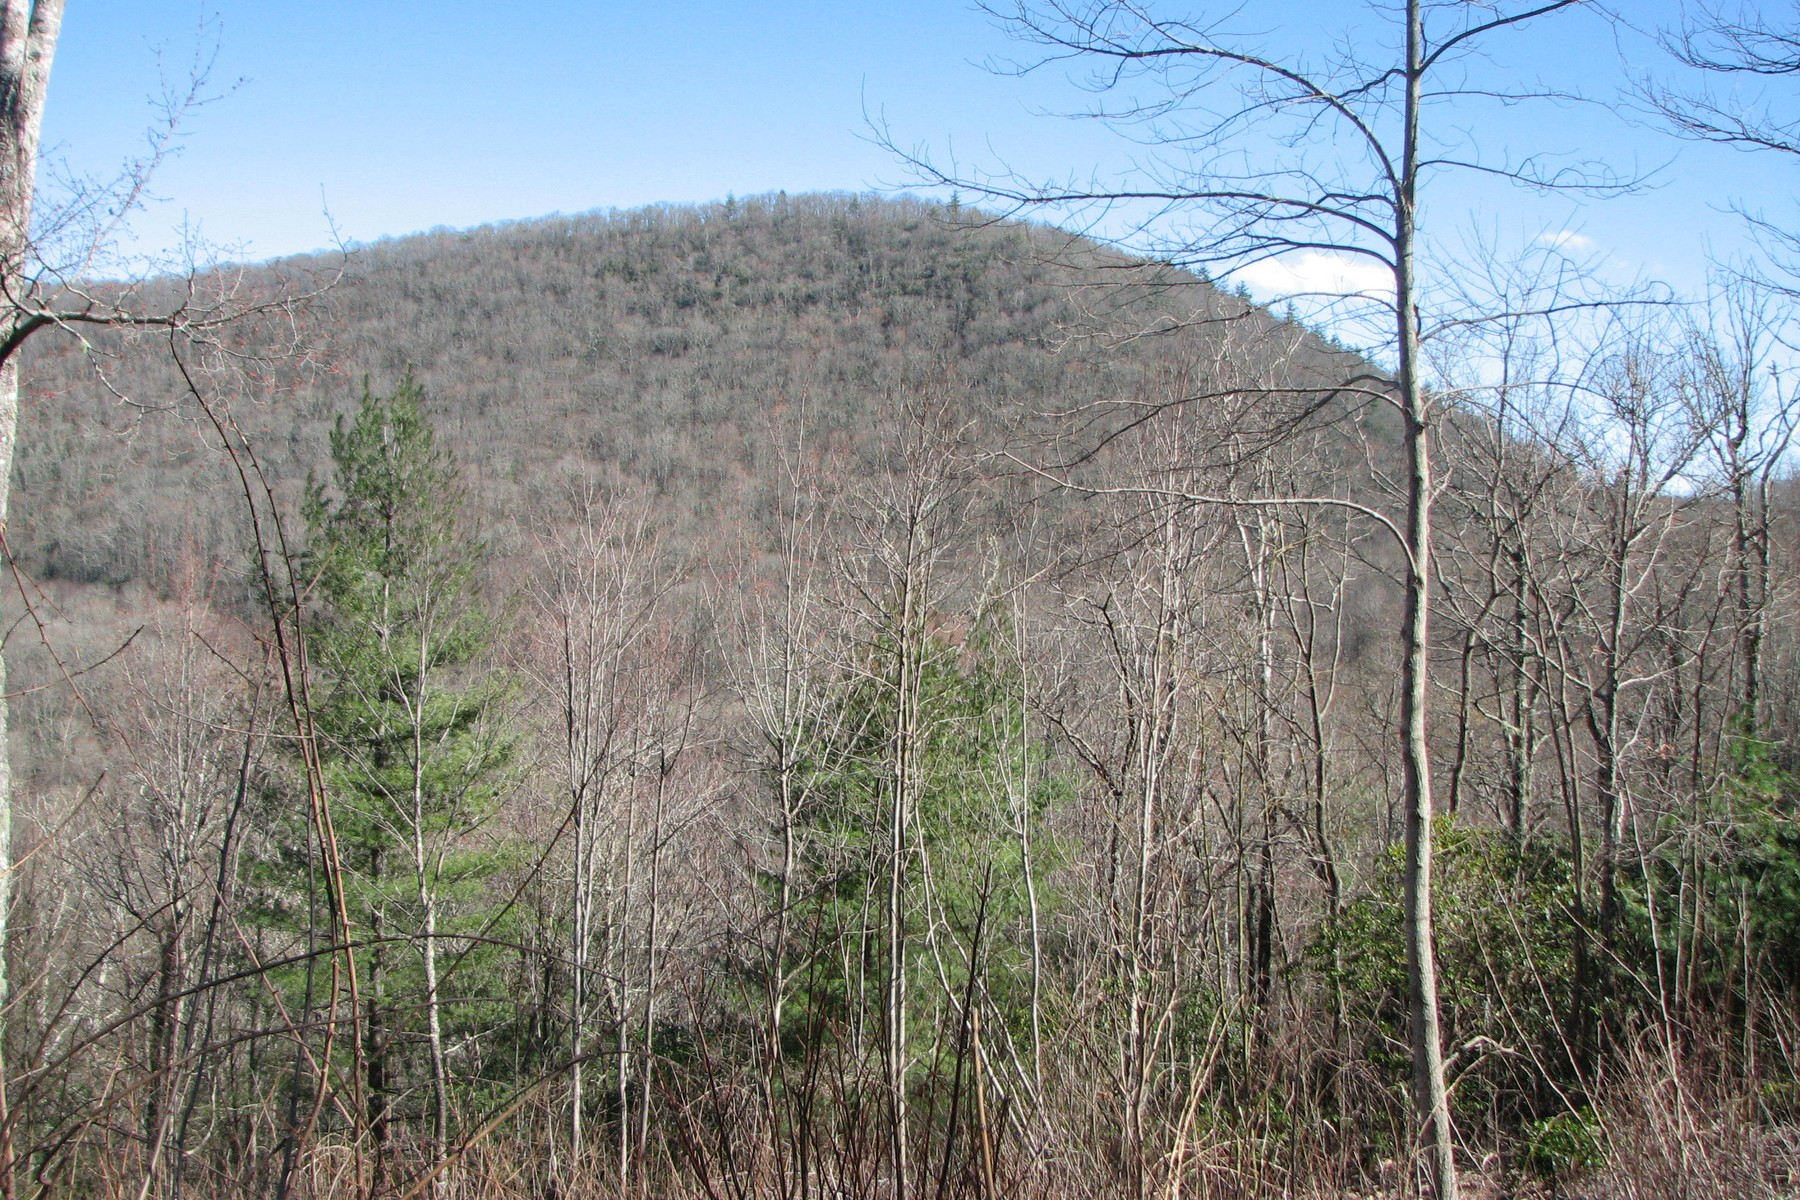 Land for Sale at The Ridges of Highlands Lot 8 Historic Highlands Drive Highlands, North Carolina, 28741 United States